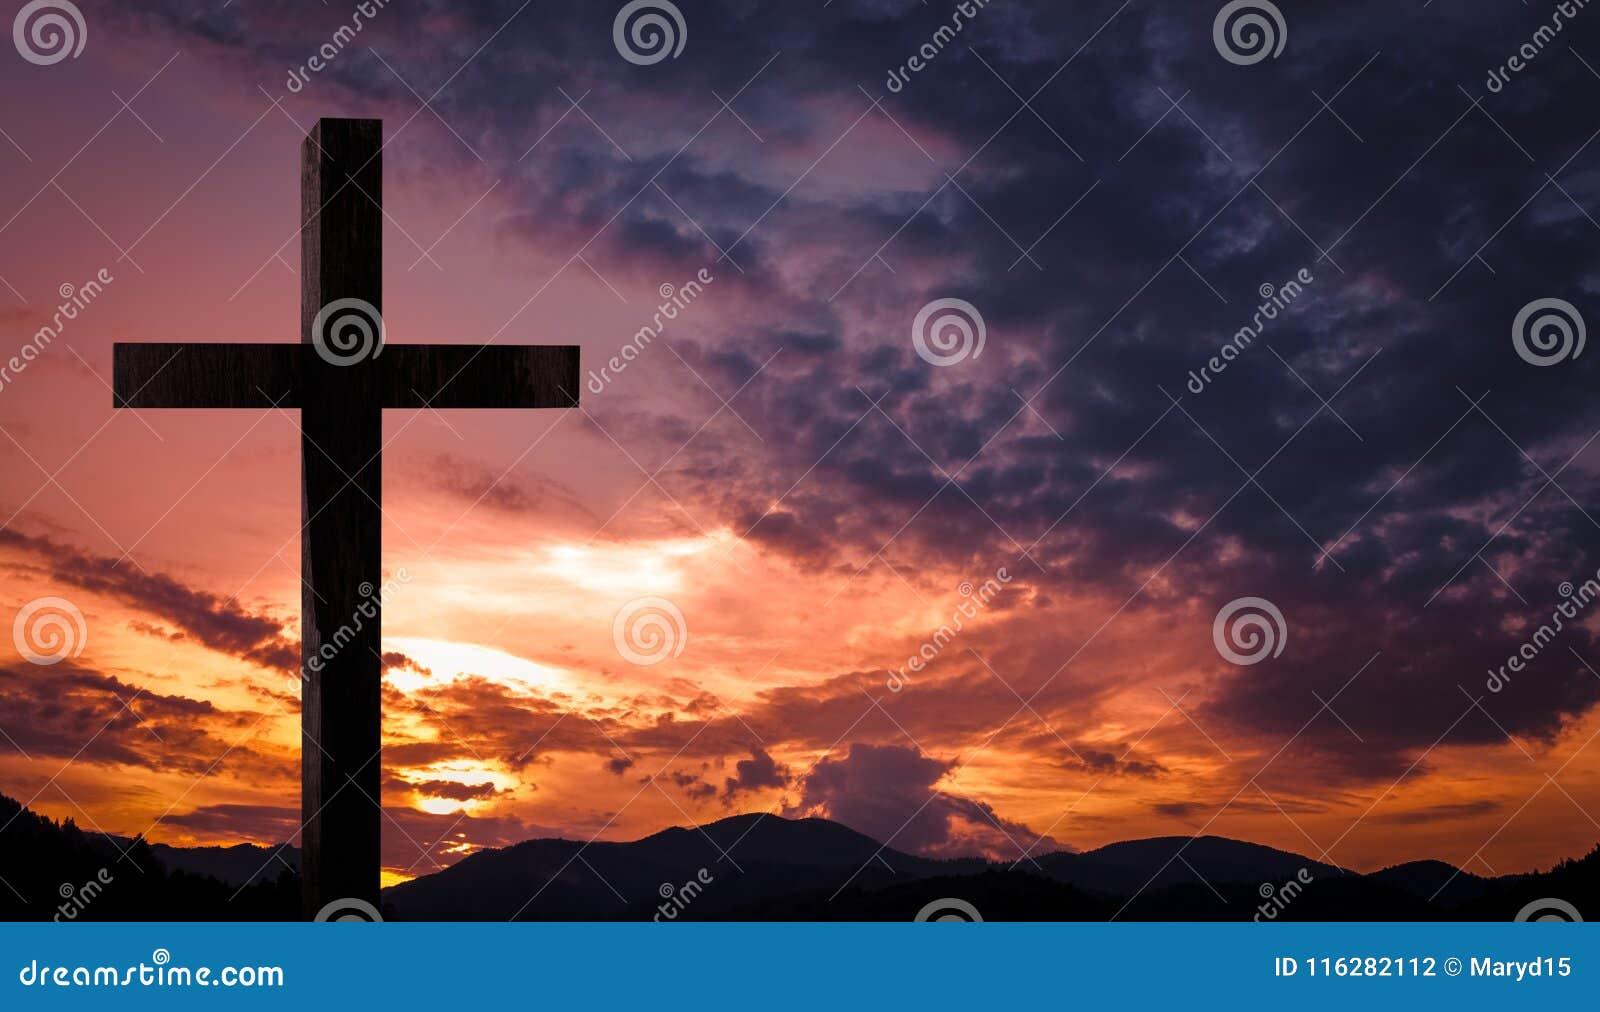 Ο Ιησούς Χριστός διασχίζει, ξύλινο crucifix σε ένα θεϊκό υπόβαθρο με το δραματικό φως και σύννεφα και ζωηρόχρωμο πορτοκαλί ηλιοβα